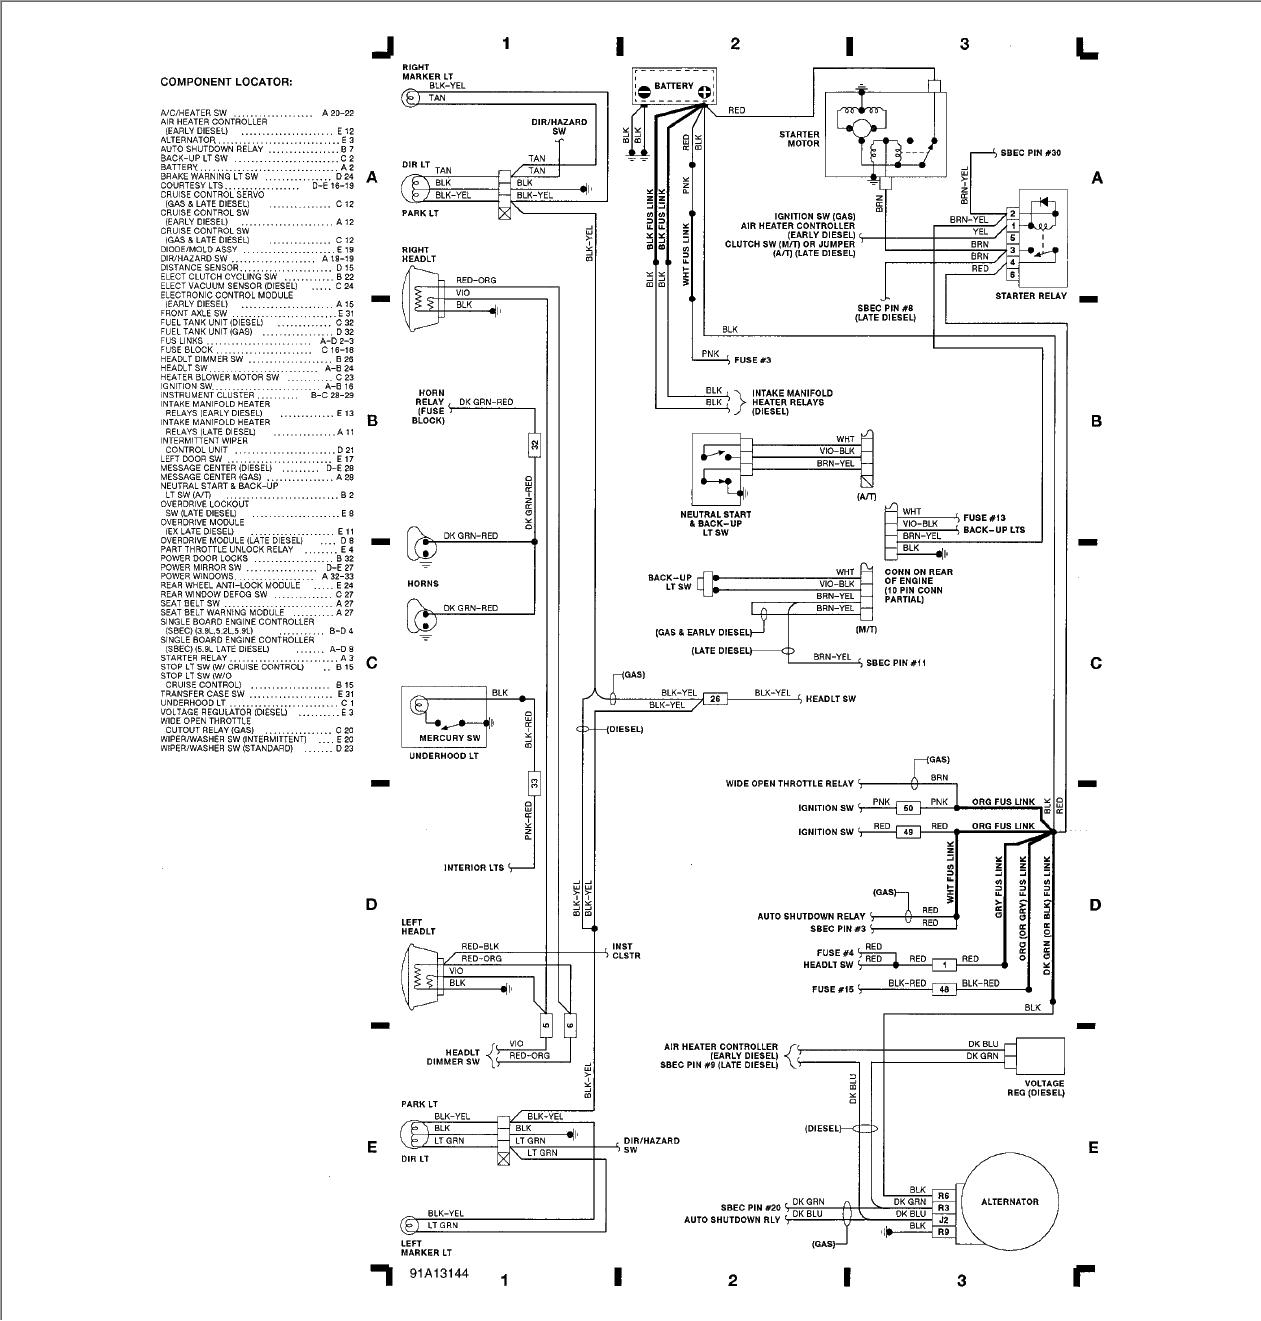 1989 Dodge W250 Wiring Diagram Full Hd Version Wiring Diagram Troydiagram Radd Fr